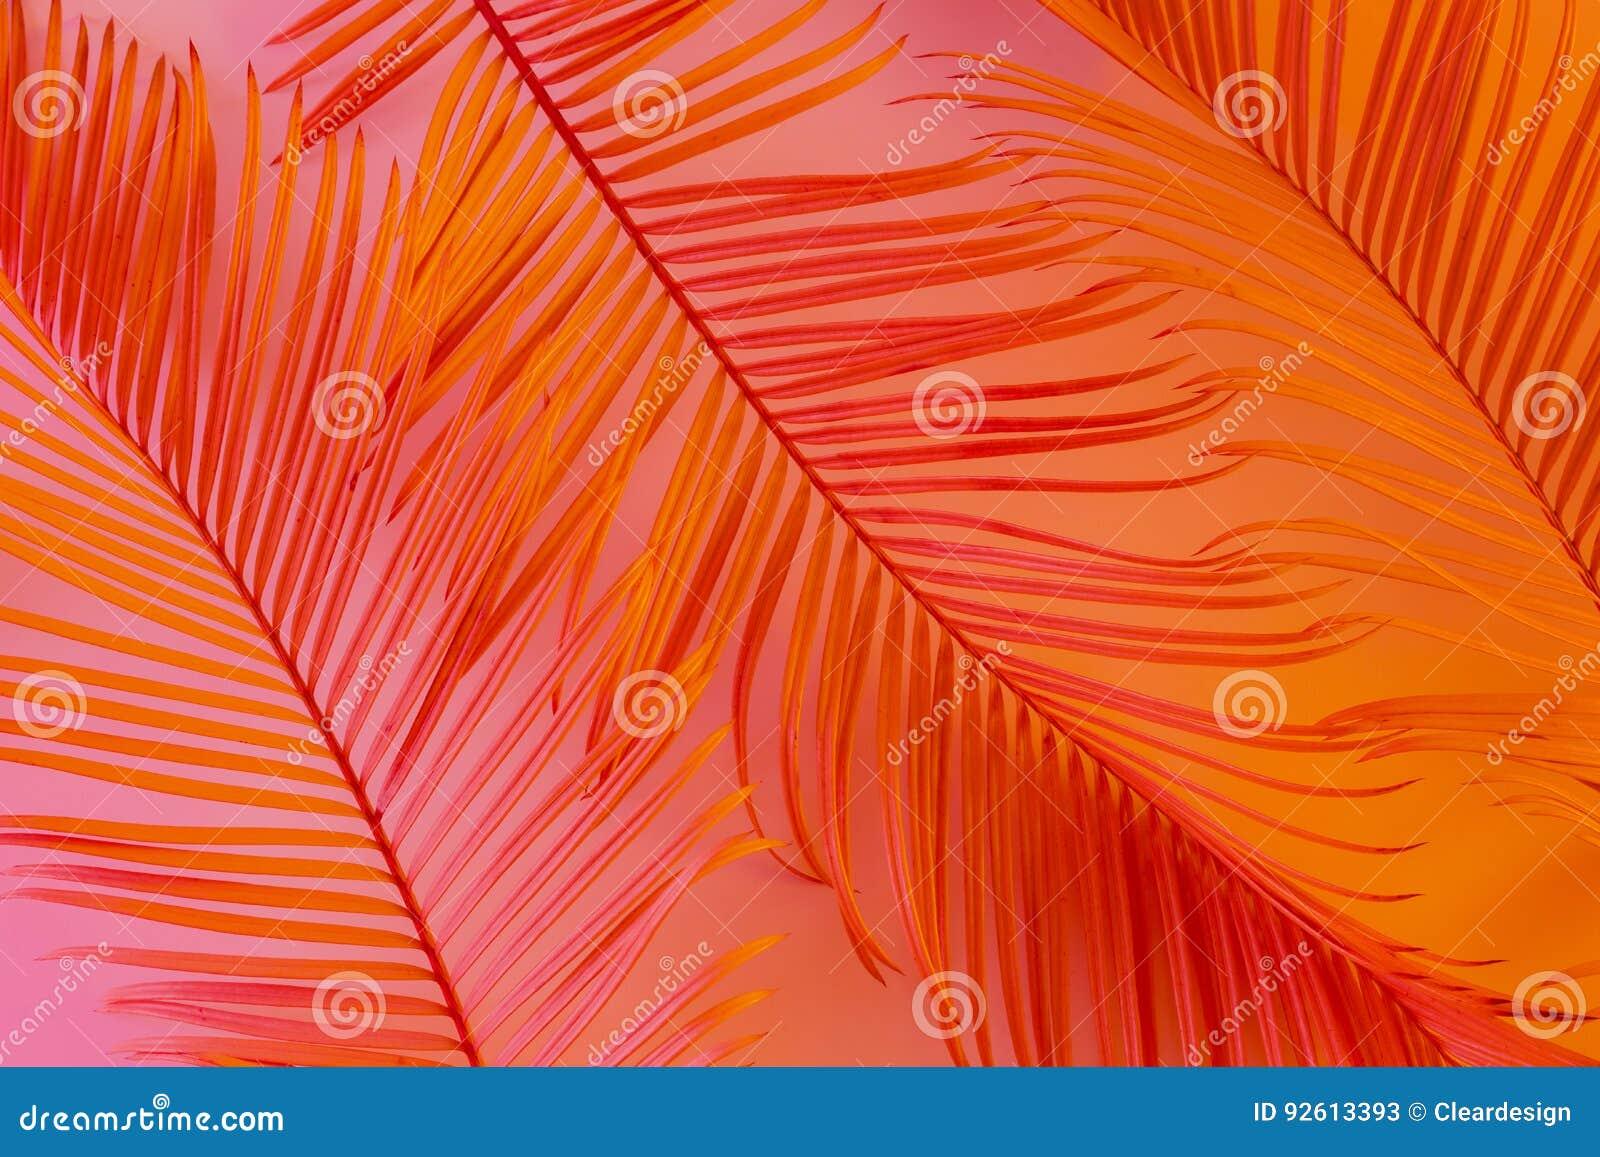 Fond tropical d été - feuilles exotiques colorées